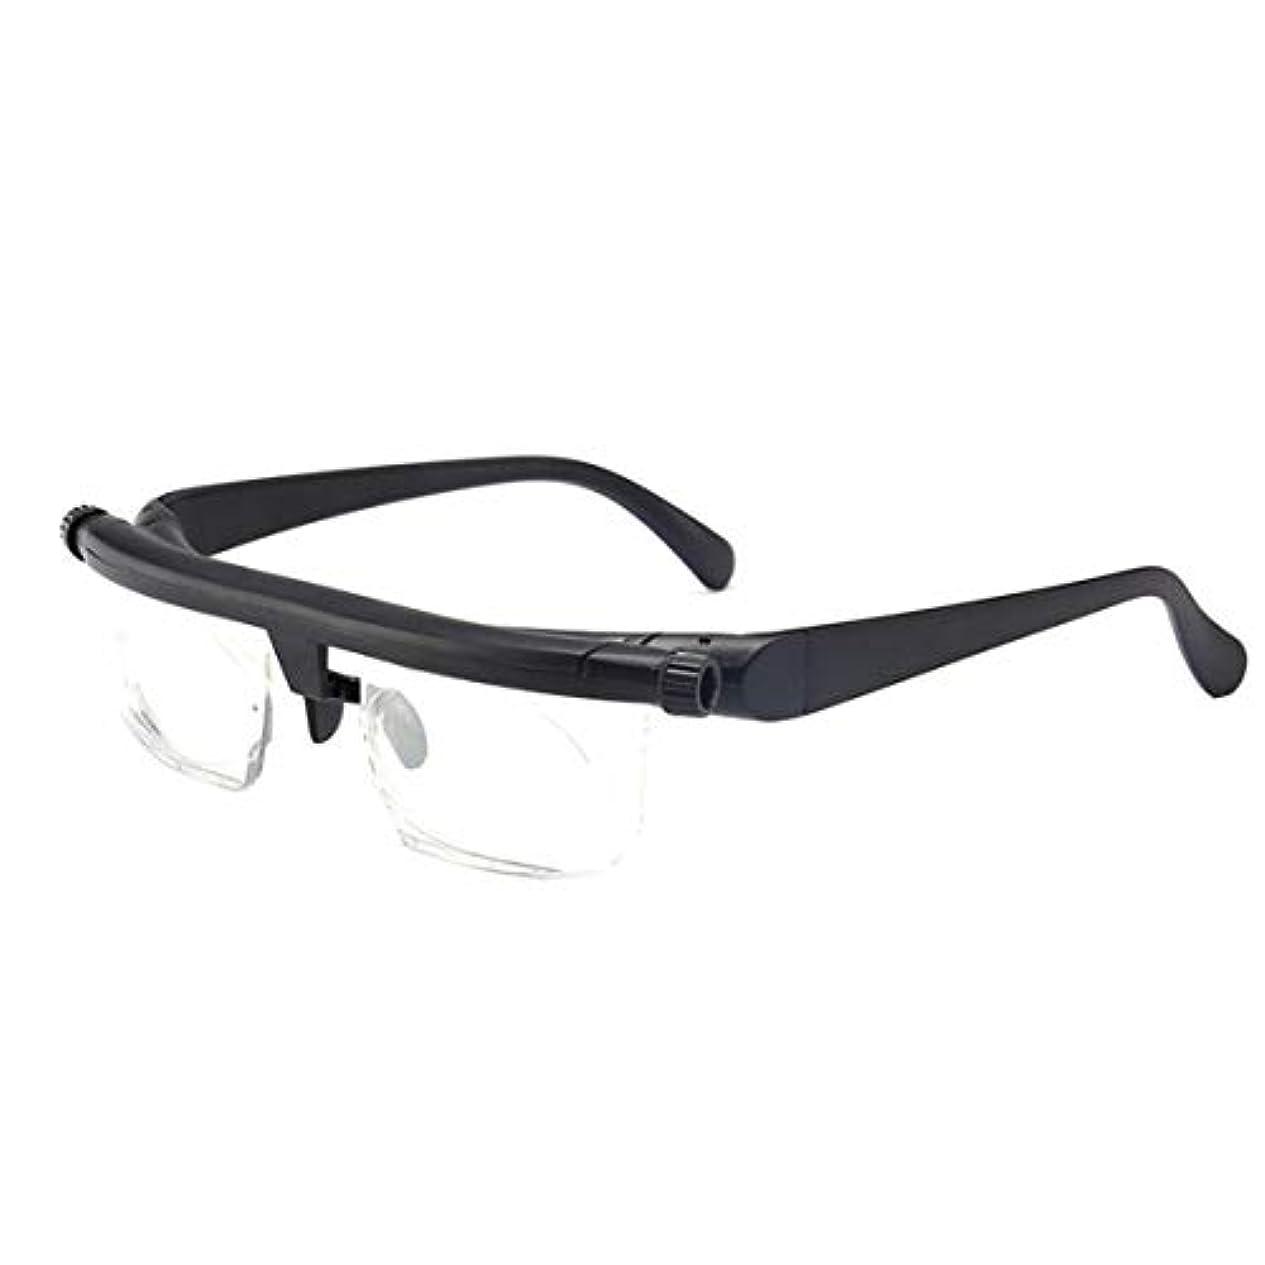 退却団結手がかりIntercorey Tr90焦点距離調整老眼鏡は、-6D?+ 3D度の近視老眼鏡に調整できます。